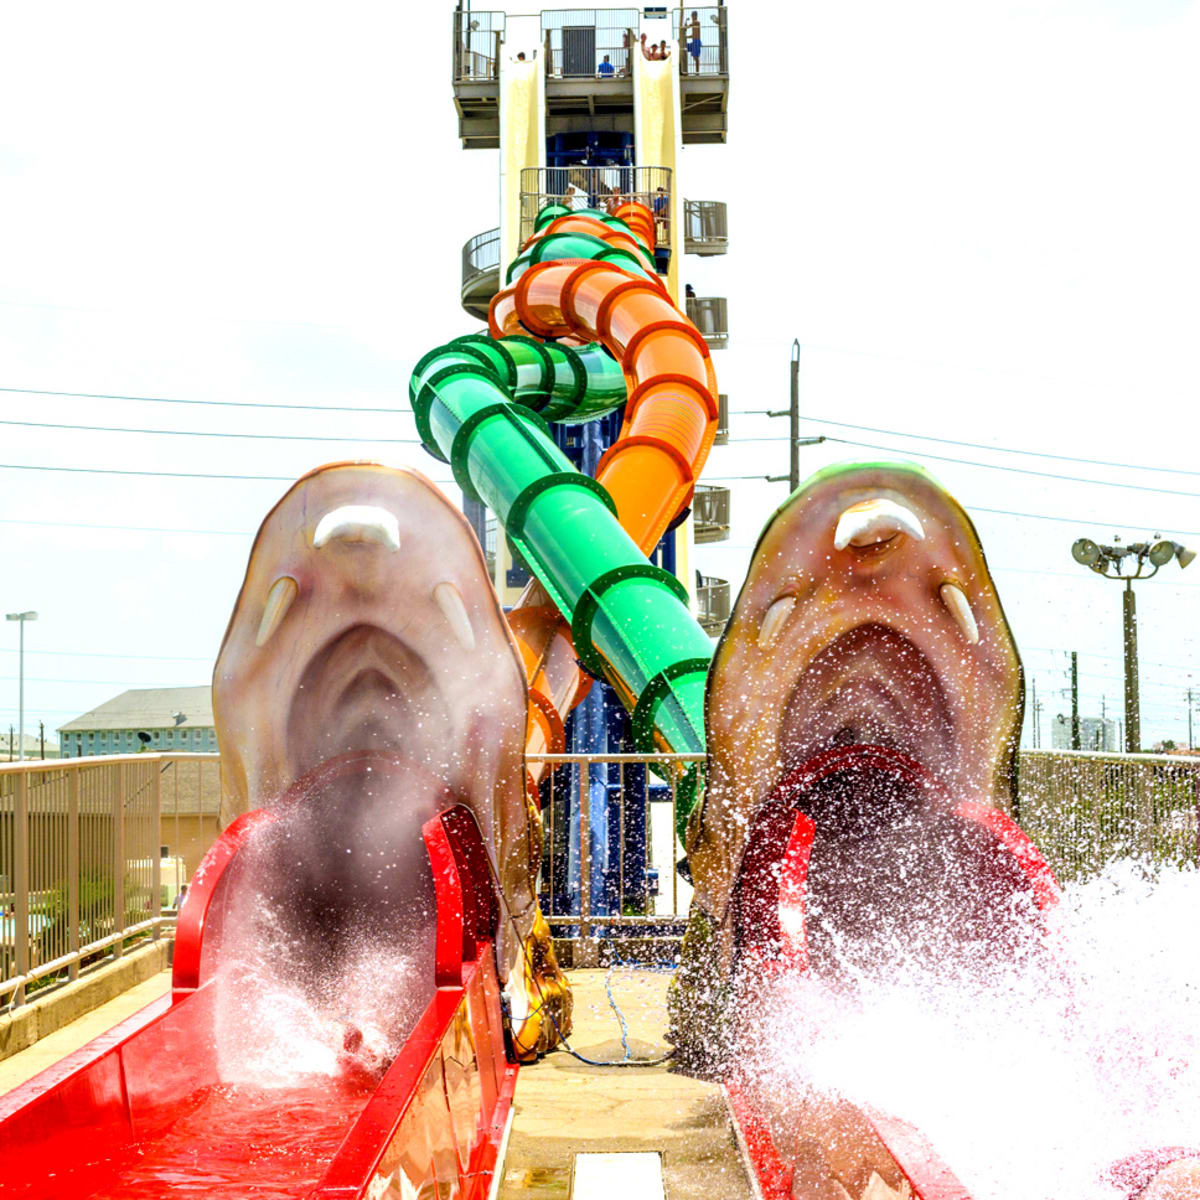 Screaming Serpents Schlitterbahn Galveston rendering